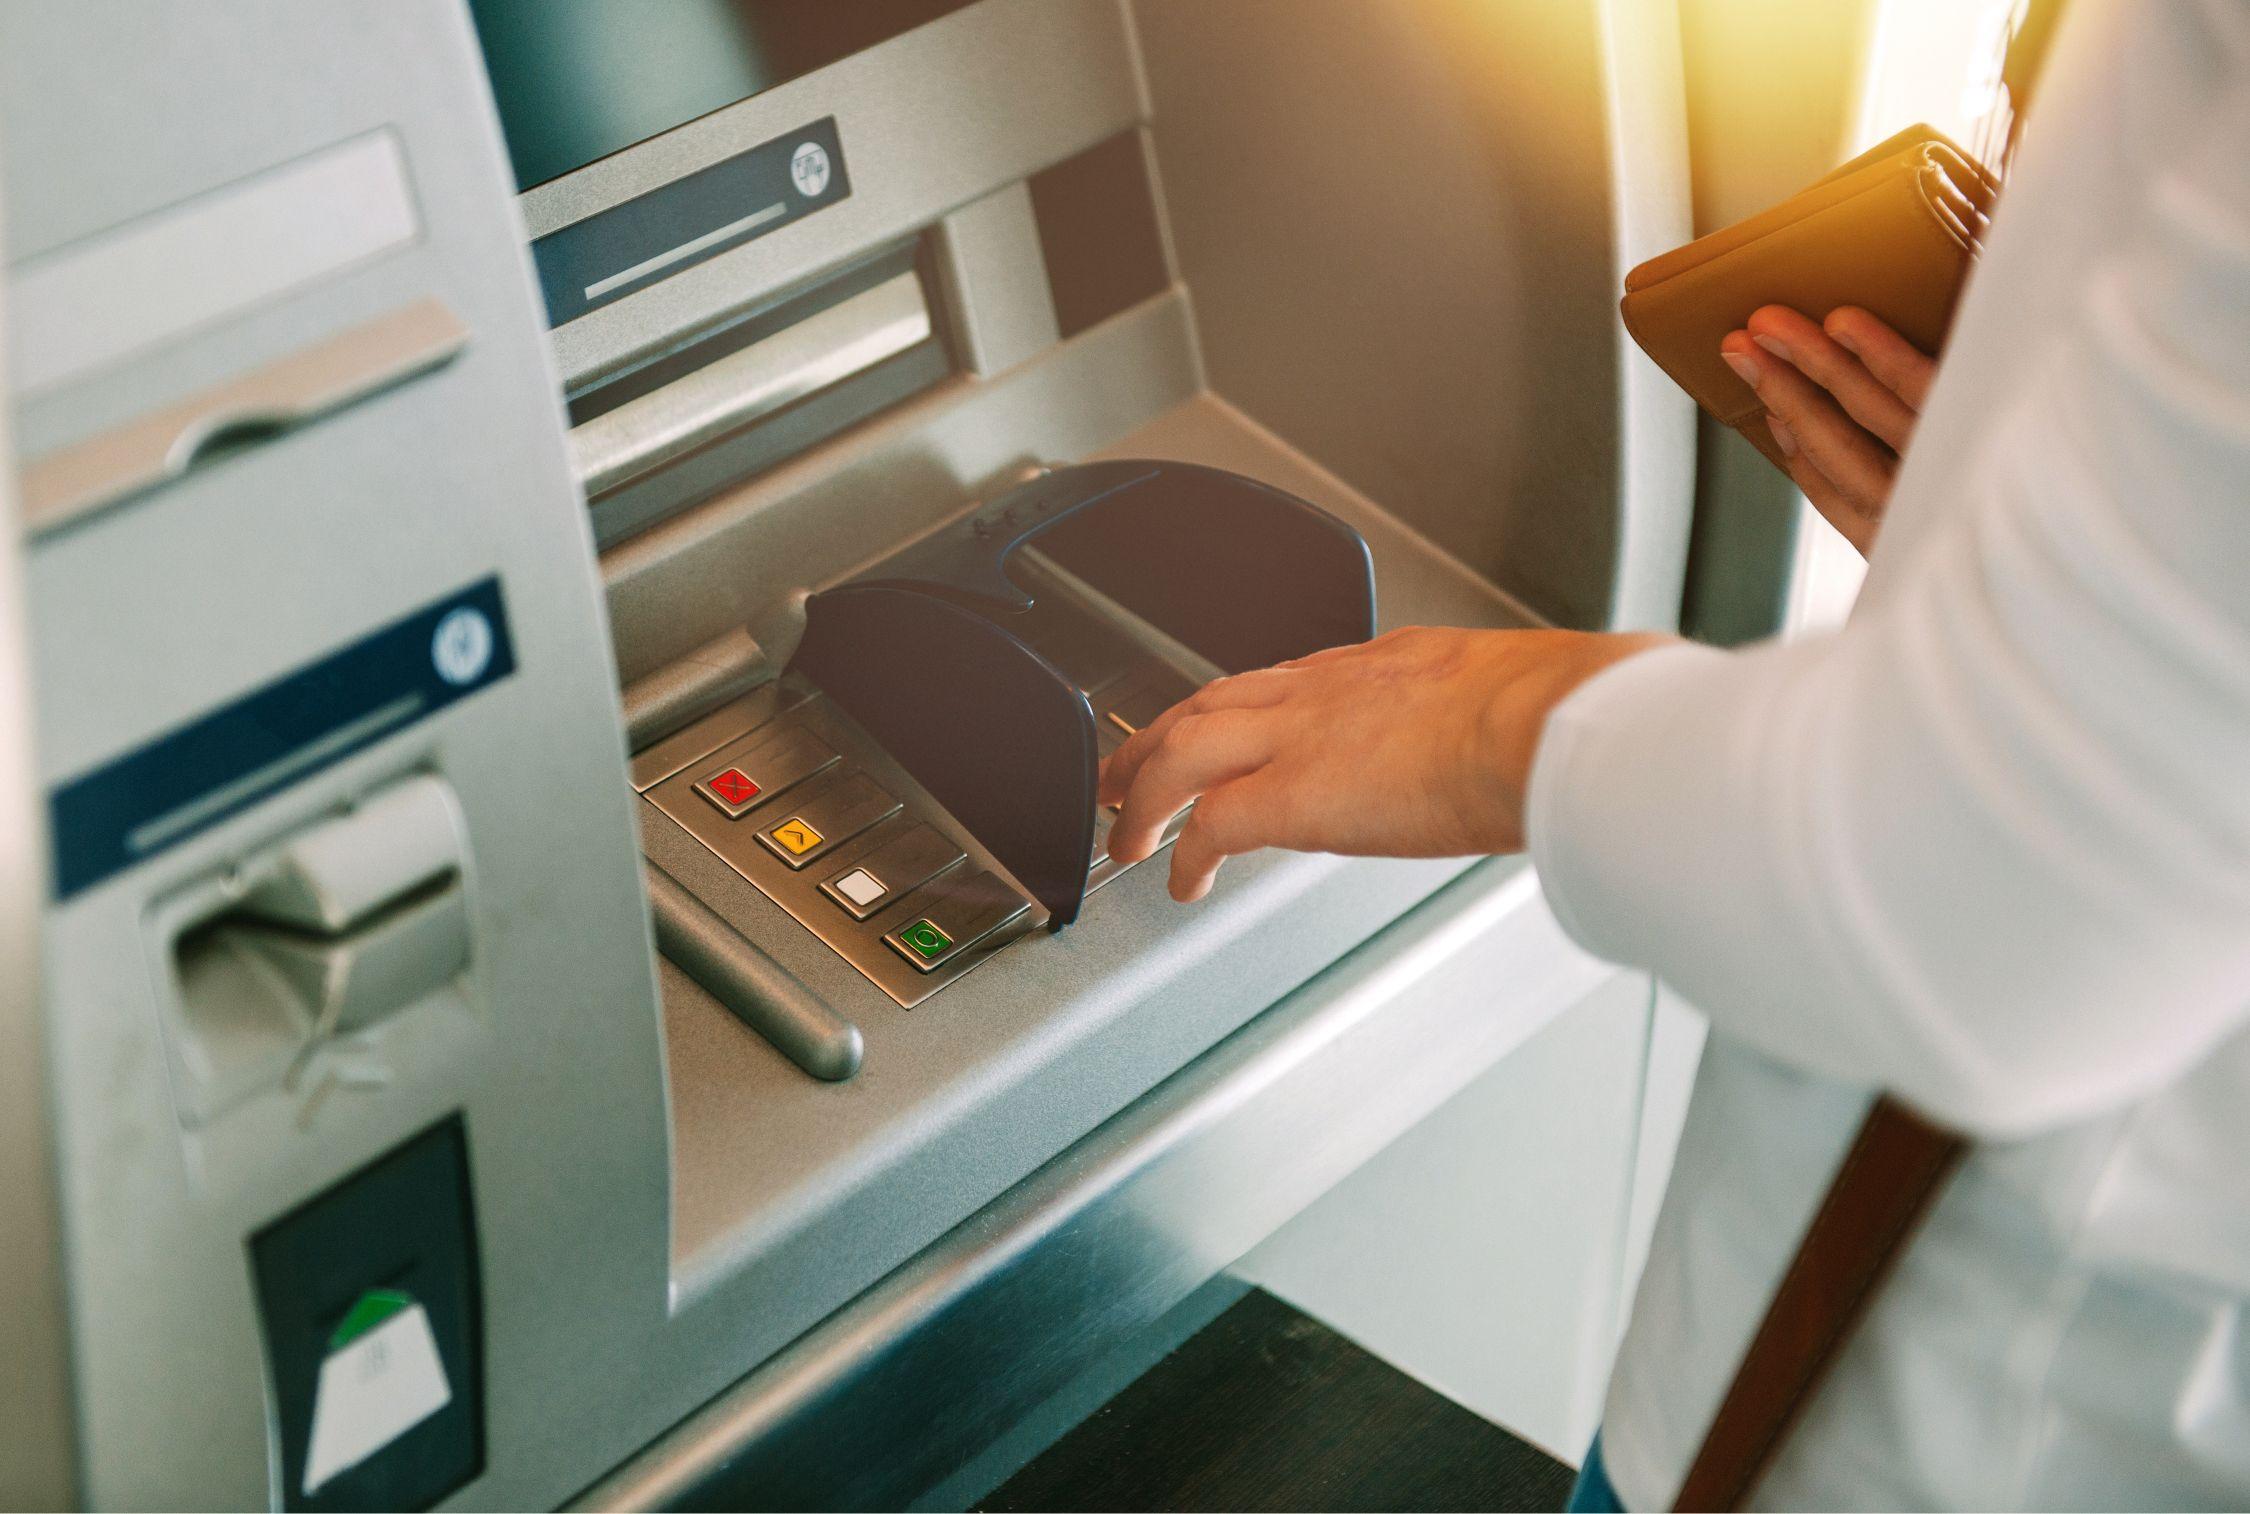 atm retrait carte de credit